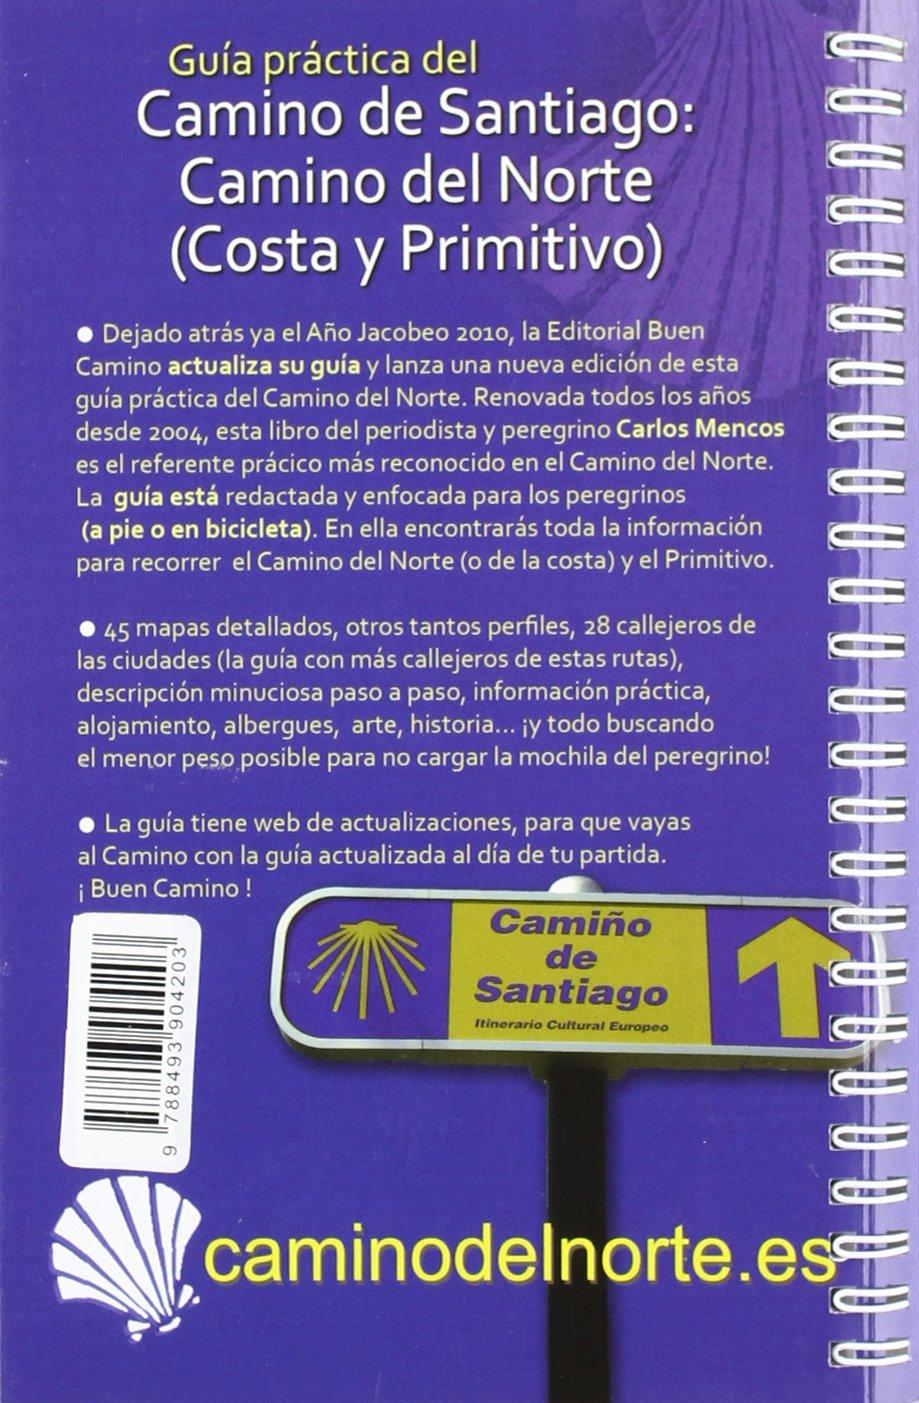 CAMINO DE SANTIAGO: CAMINO DEL NORTE, COSTA Y PRIMITIVO: Carlos Mencos Arraiza: 9788493904203: Amazon.com: Books